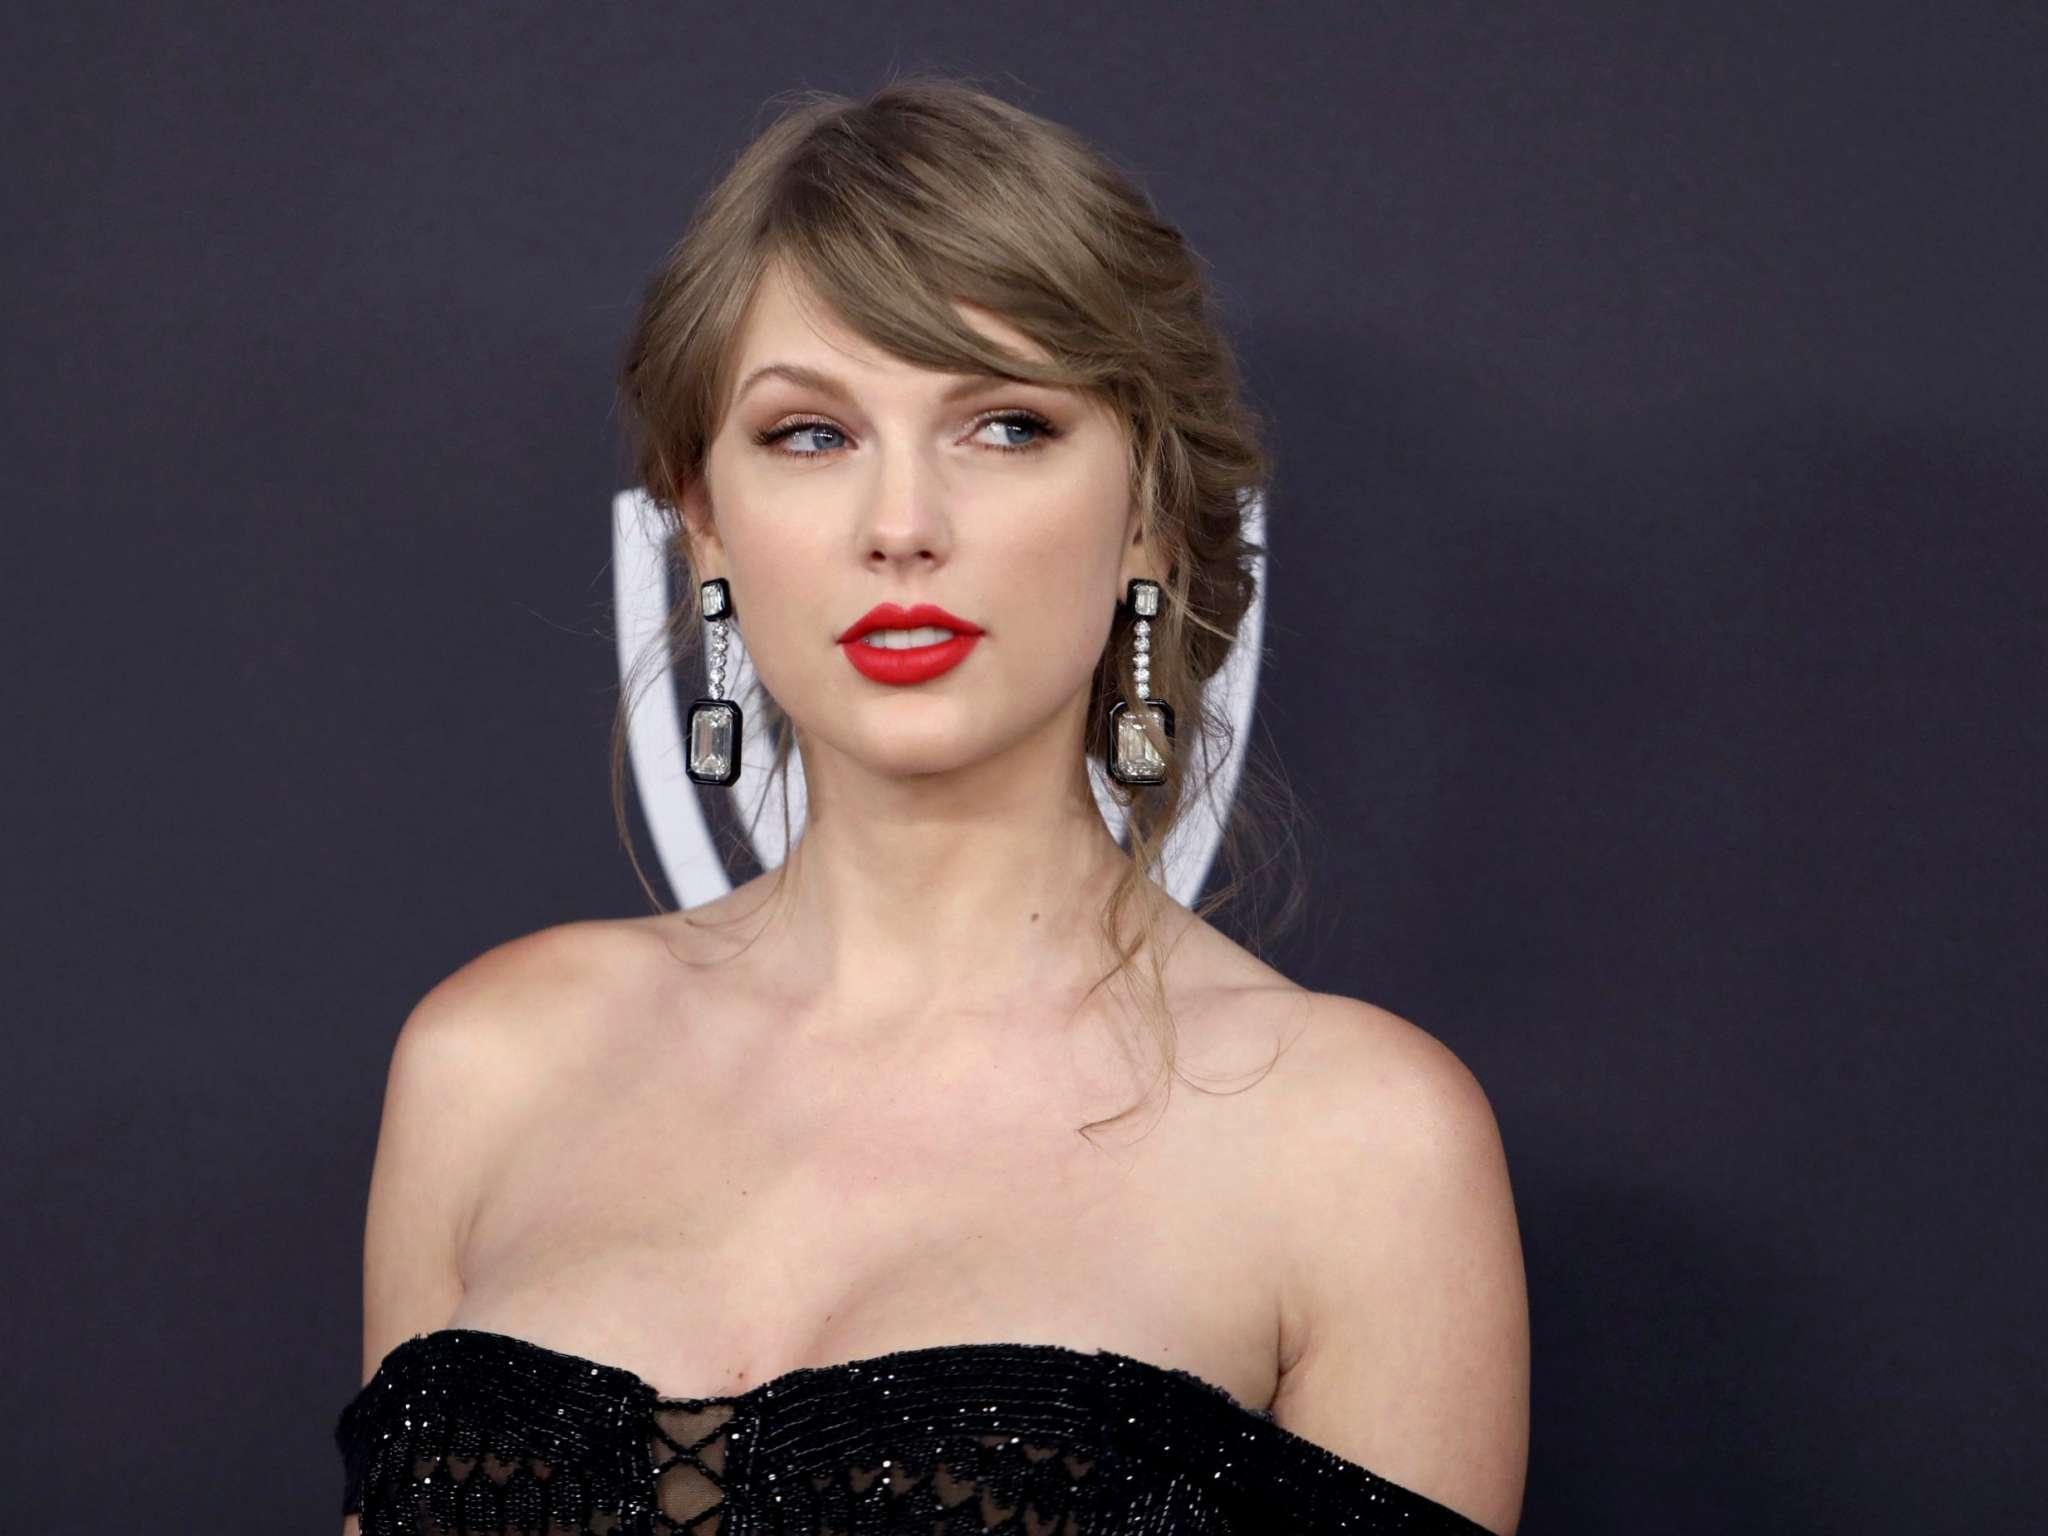 Taylor Swift stalker re-arrested